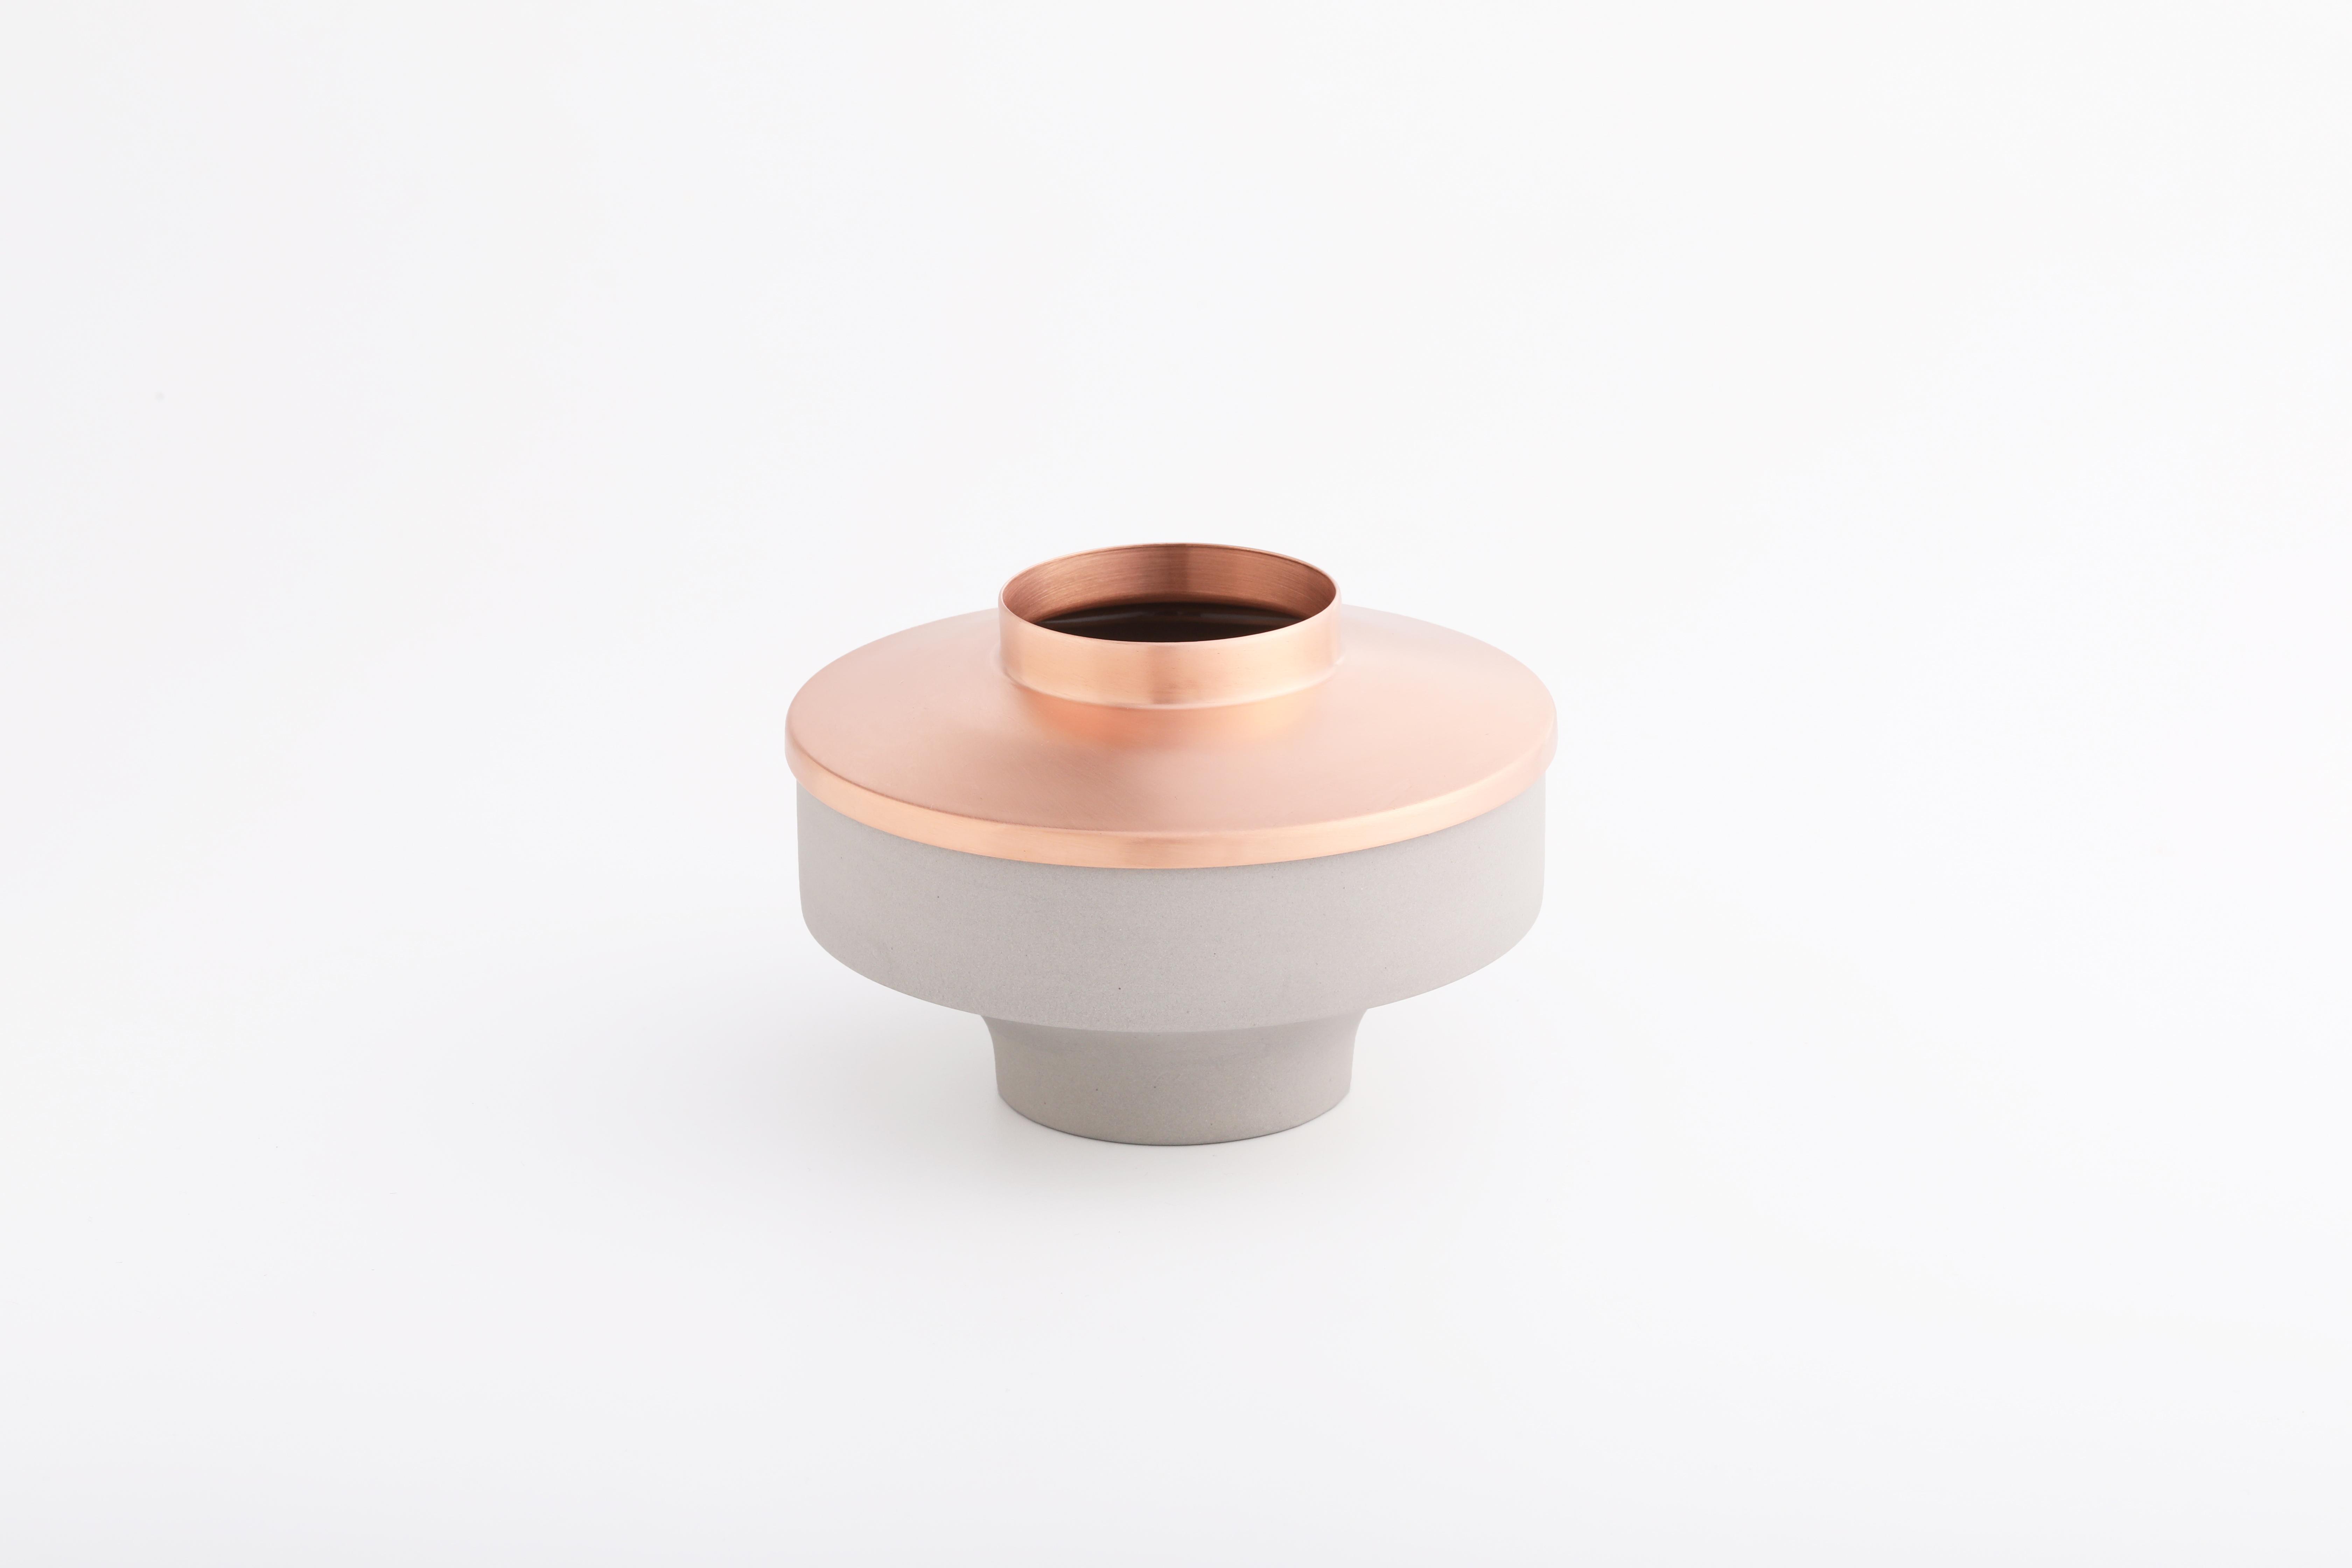 Set 6 (灰瓷紅銅款 / Grey, Copper)